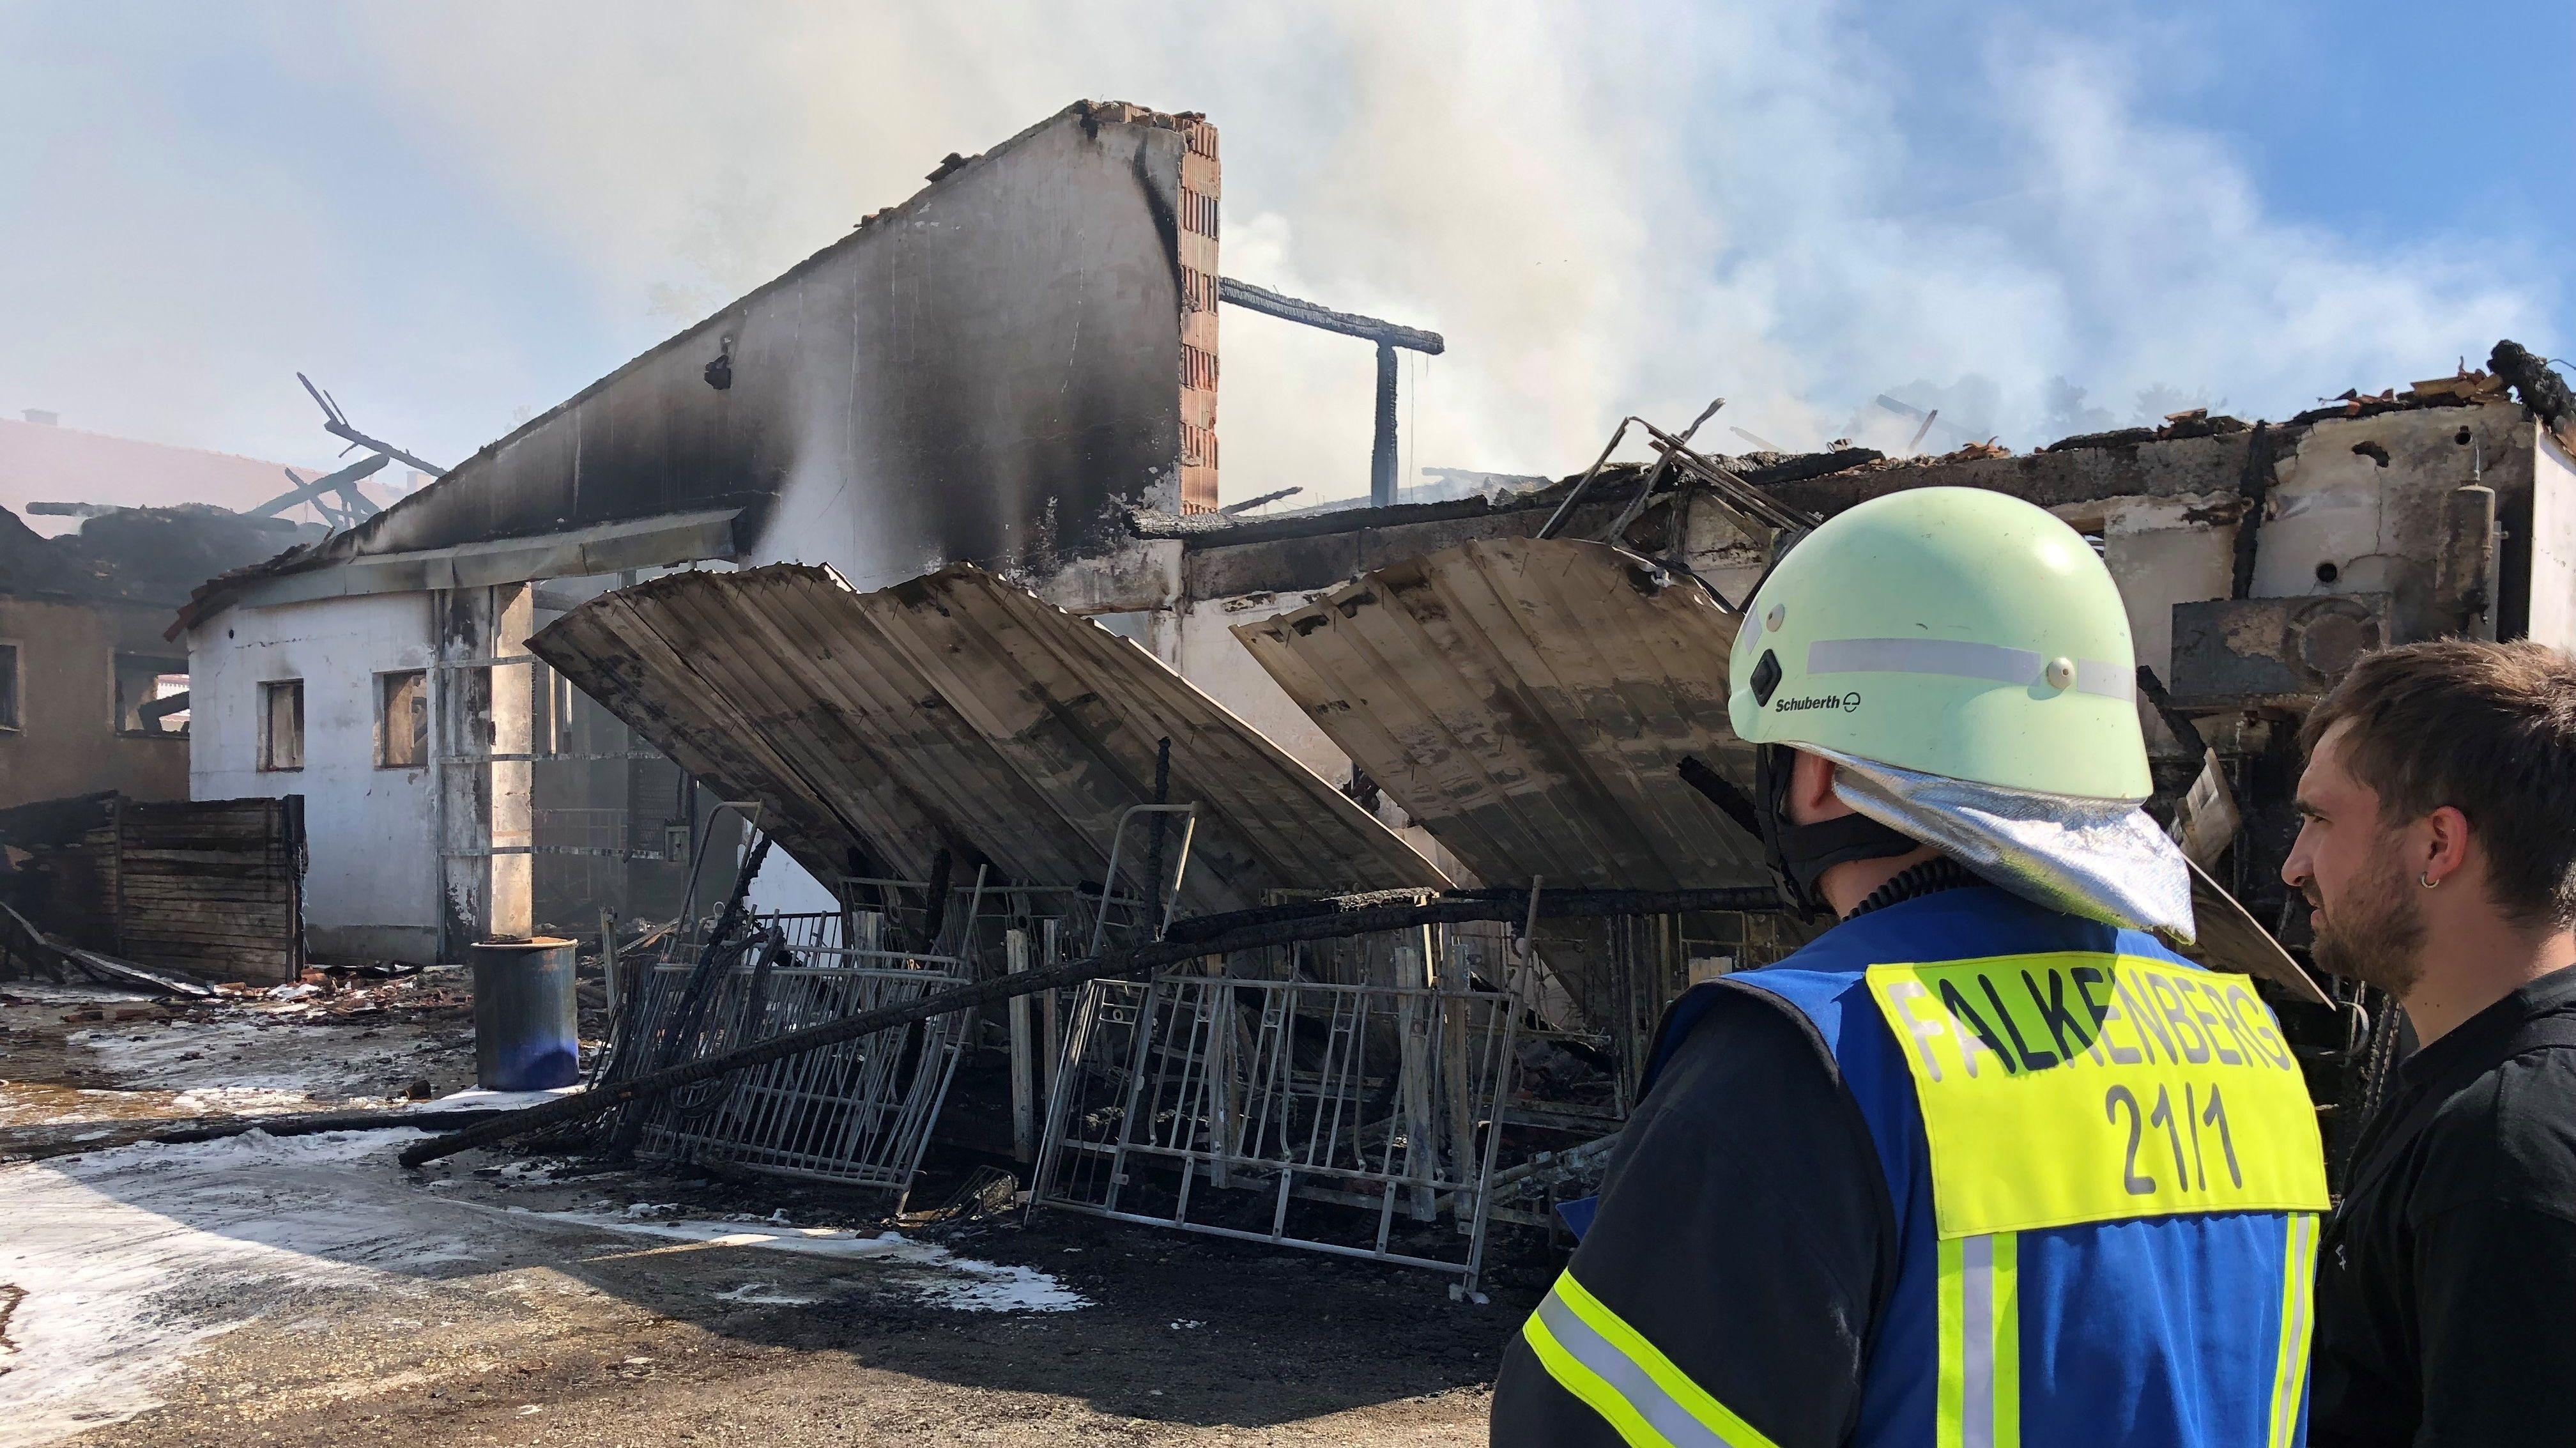 Feuerwehrmänner blicken auf die zerstörten Gebäude.